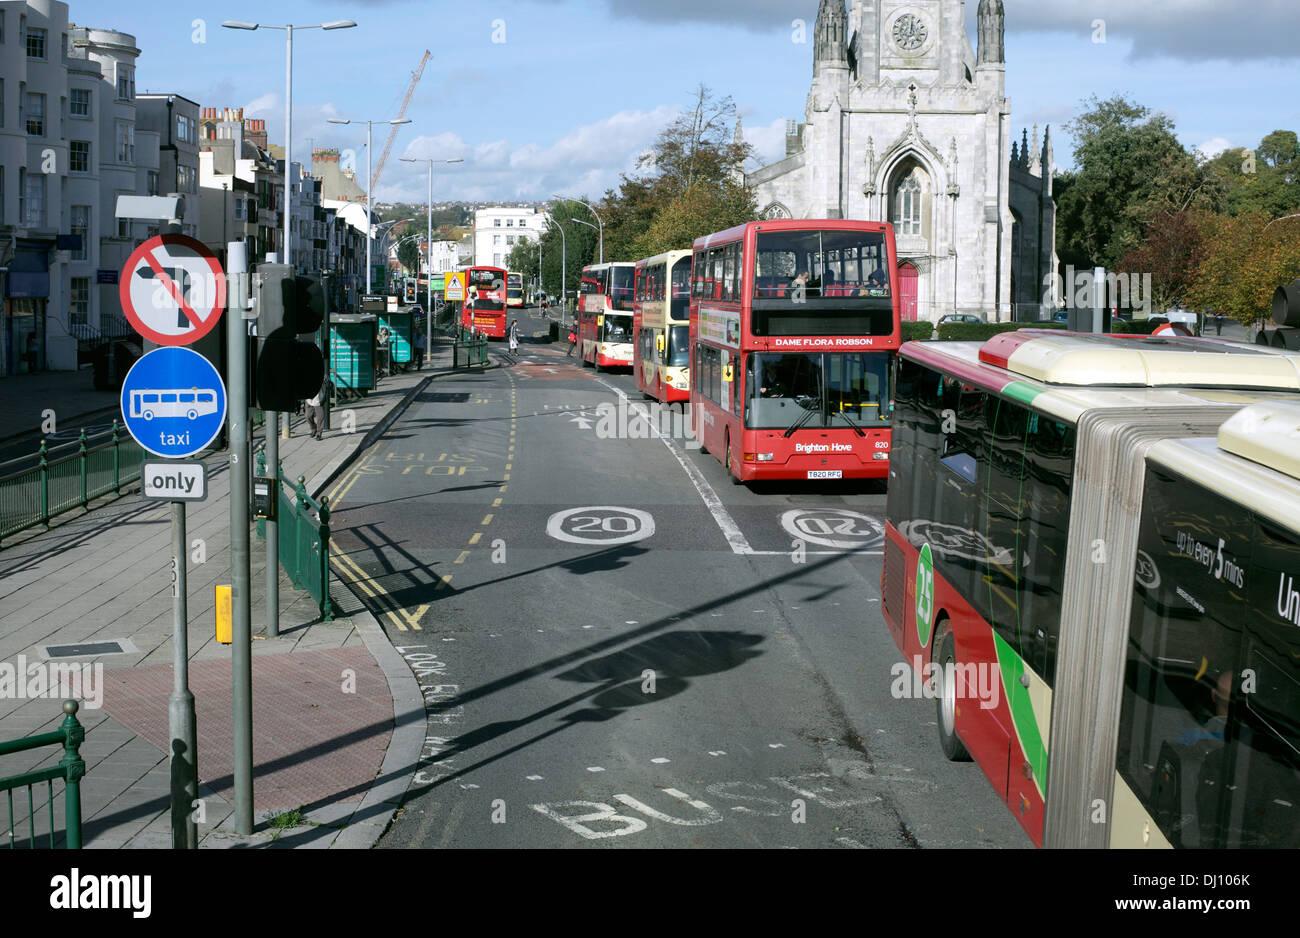 Buses en un tramo de carril bus bidireccional, York Place, Brighton. Imagen De Stock